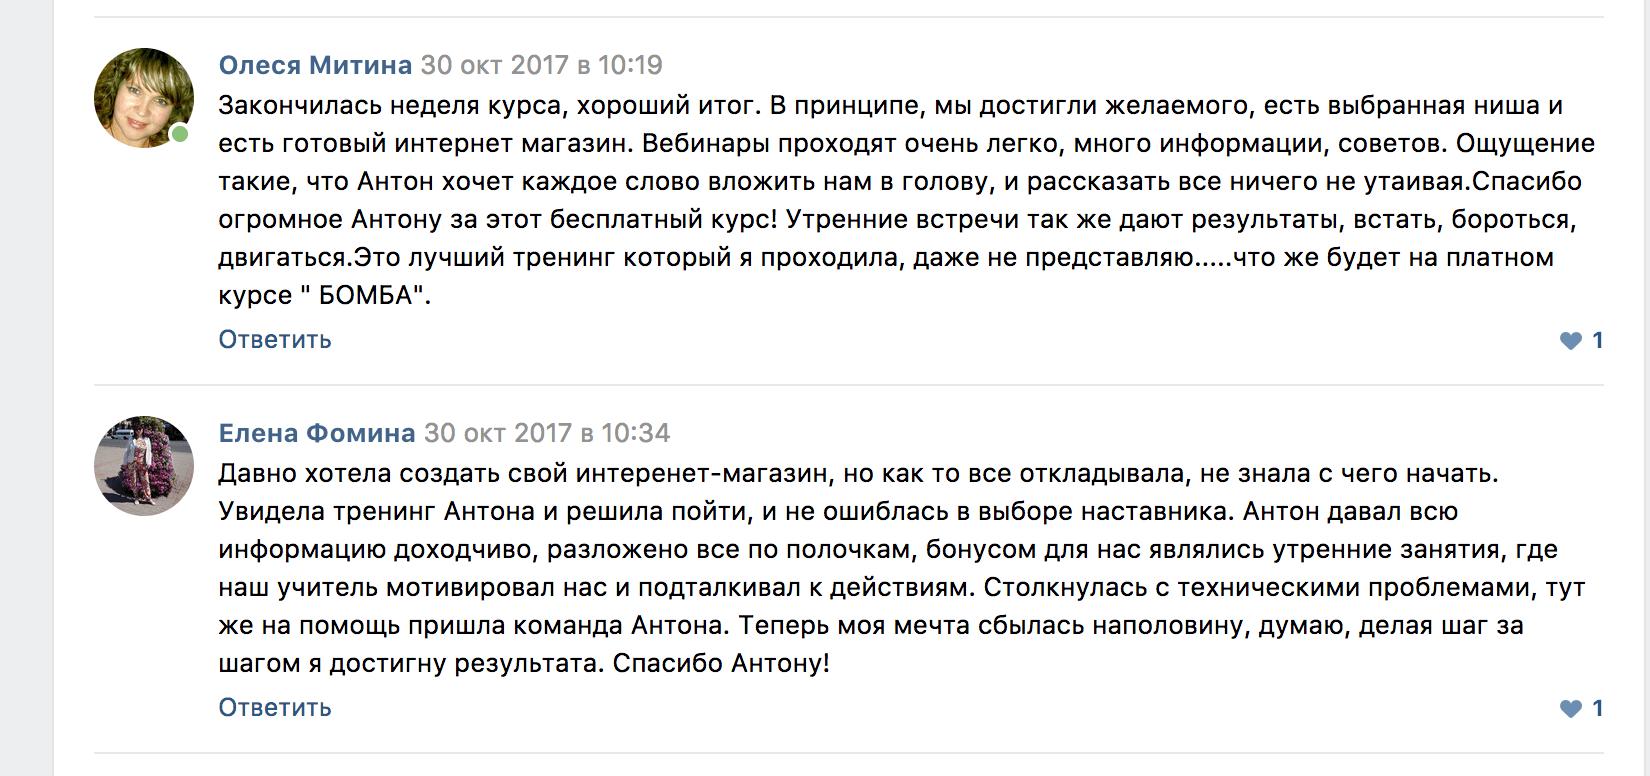 Отзывы Anton Protsenko